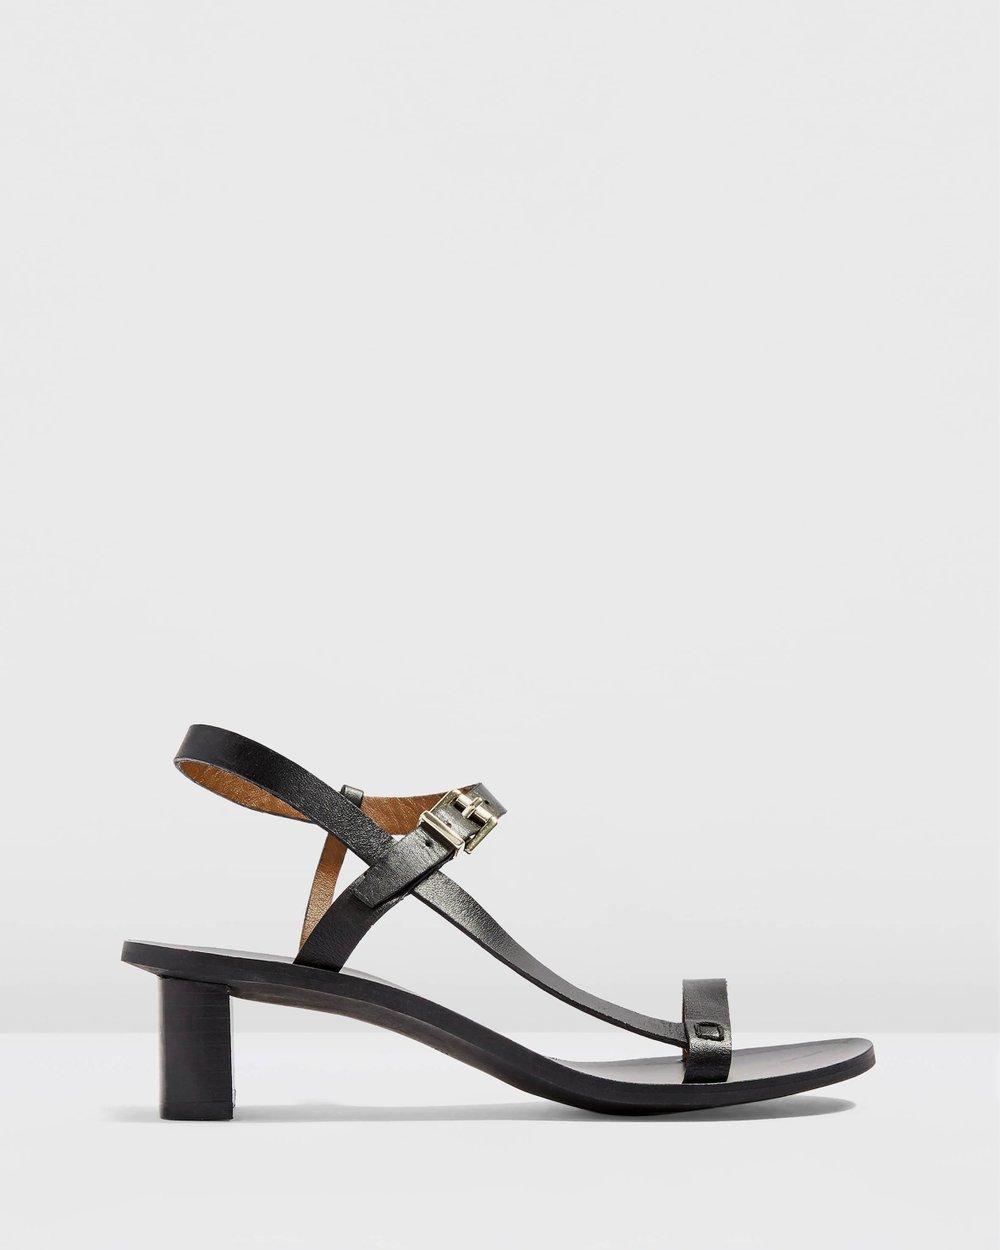 40a33390353 Venus Asymmetric Sandals by TOPSHOP Online